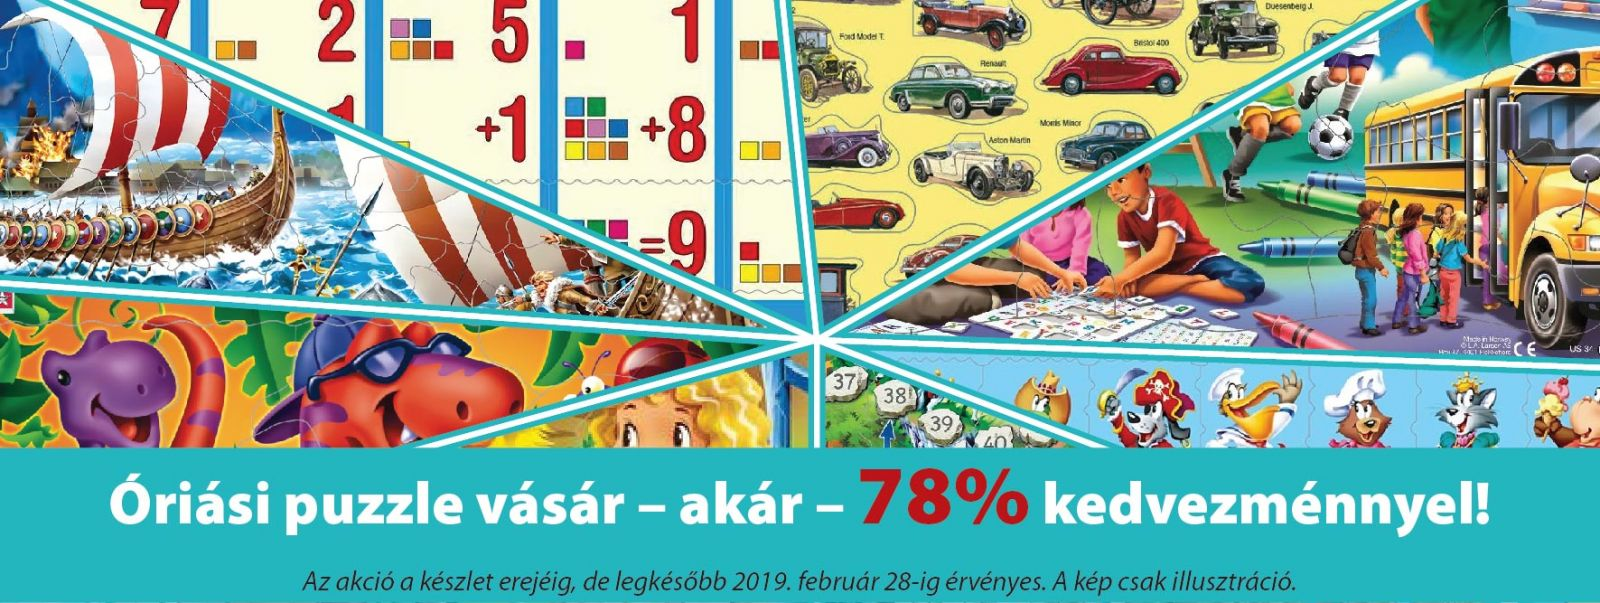 Puzzle és családi-gyerekjáték készletkisöprő akció